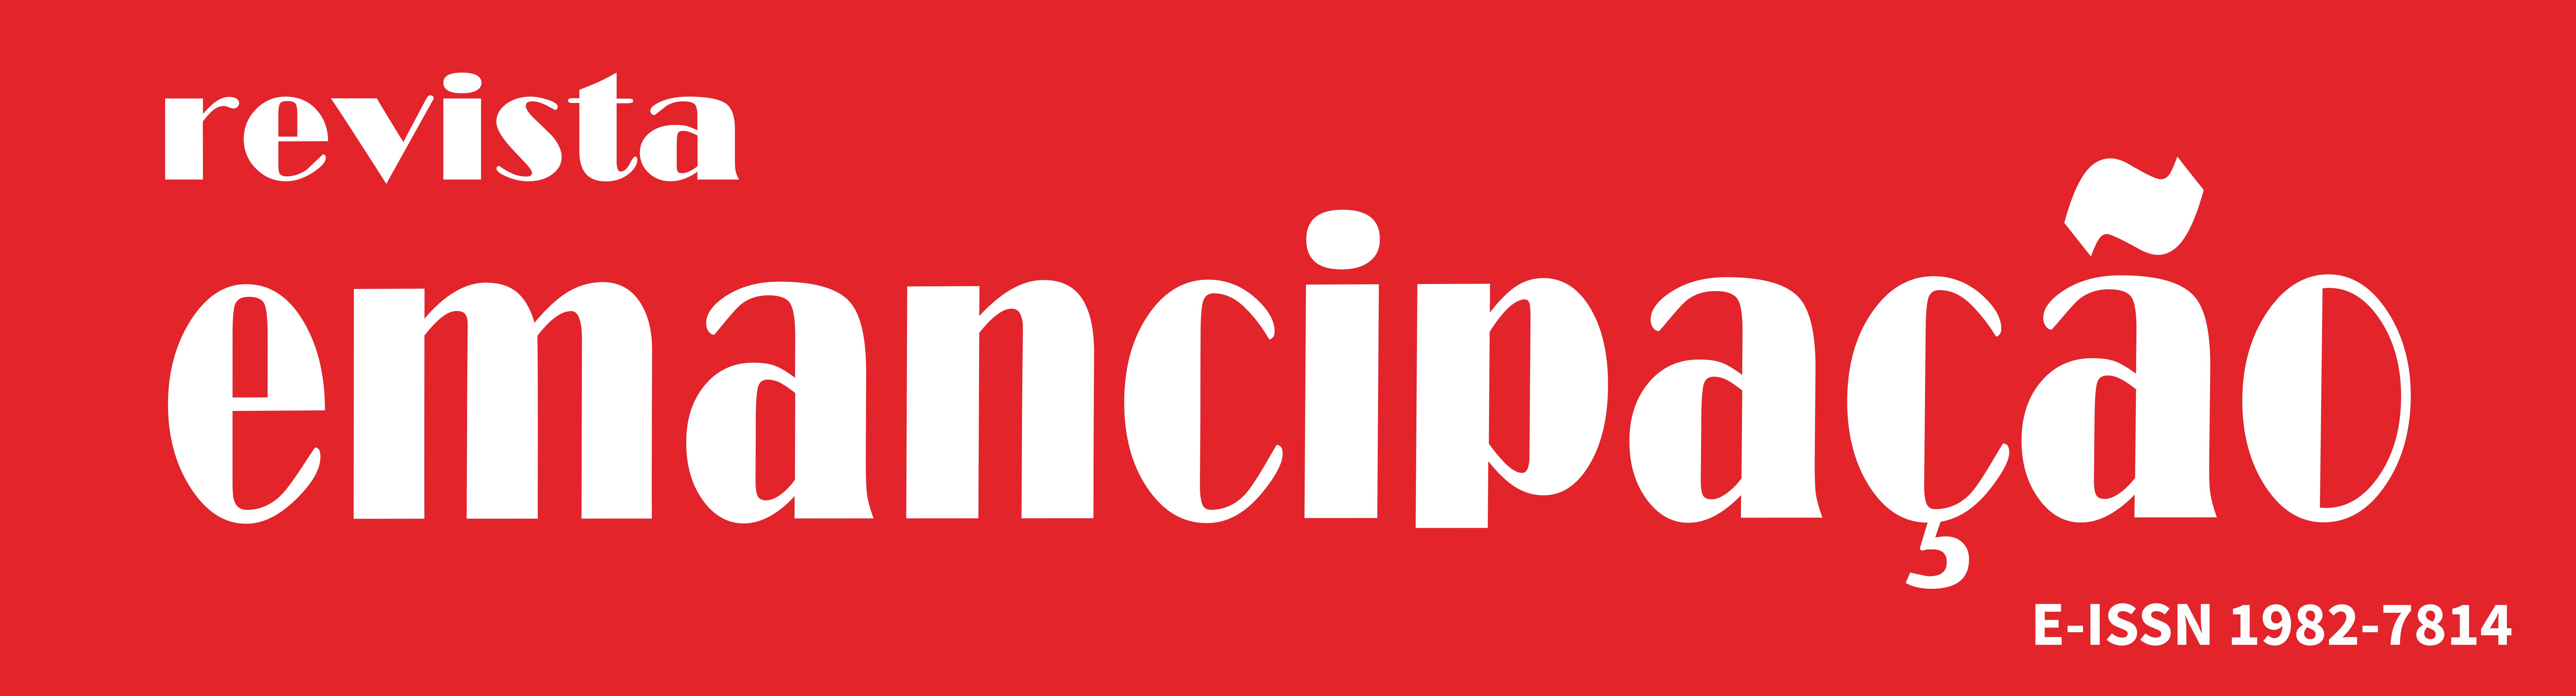 Revista Emancipação